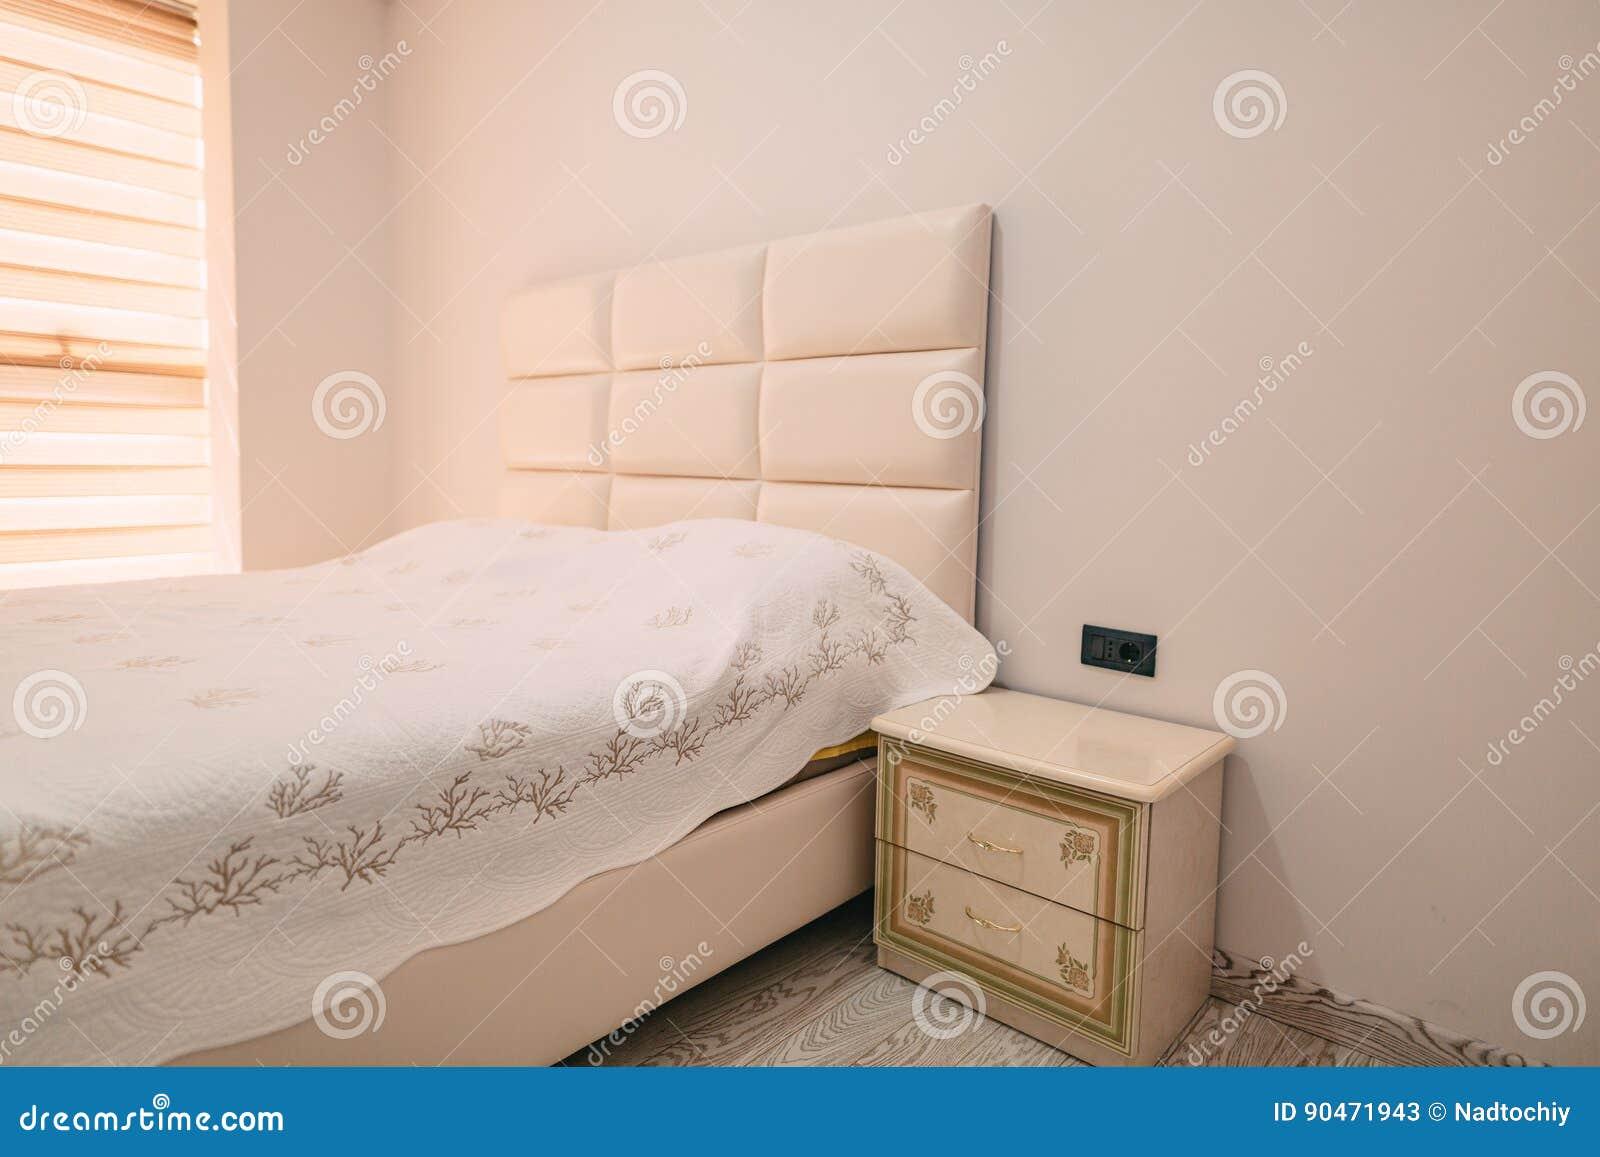 Nachttisch Im Schlafzimmer Nahe Bei Bett Stockbild - Bild von ...